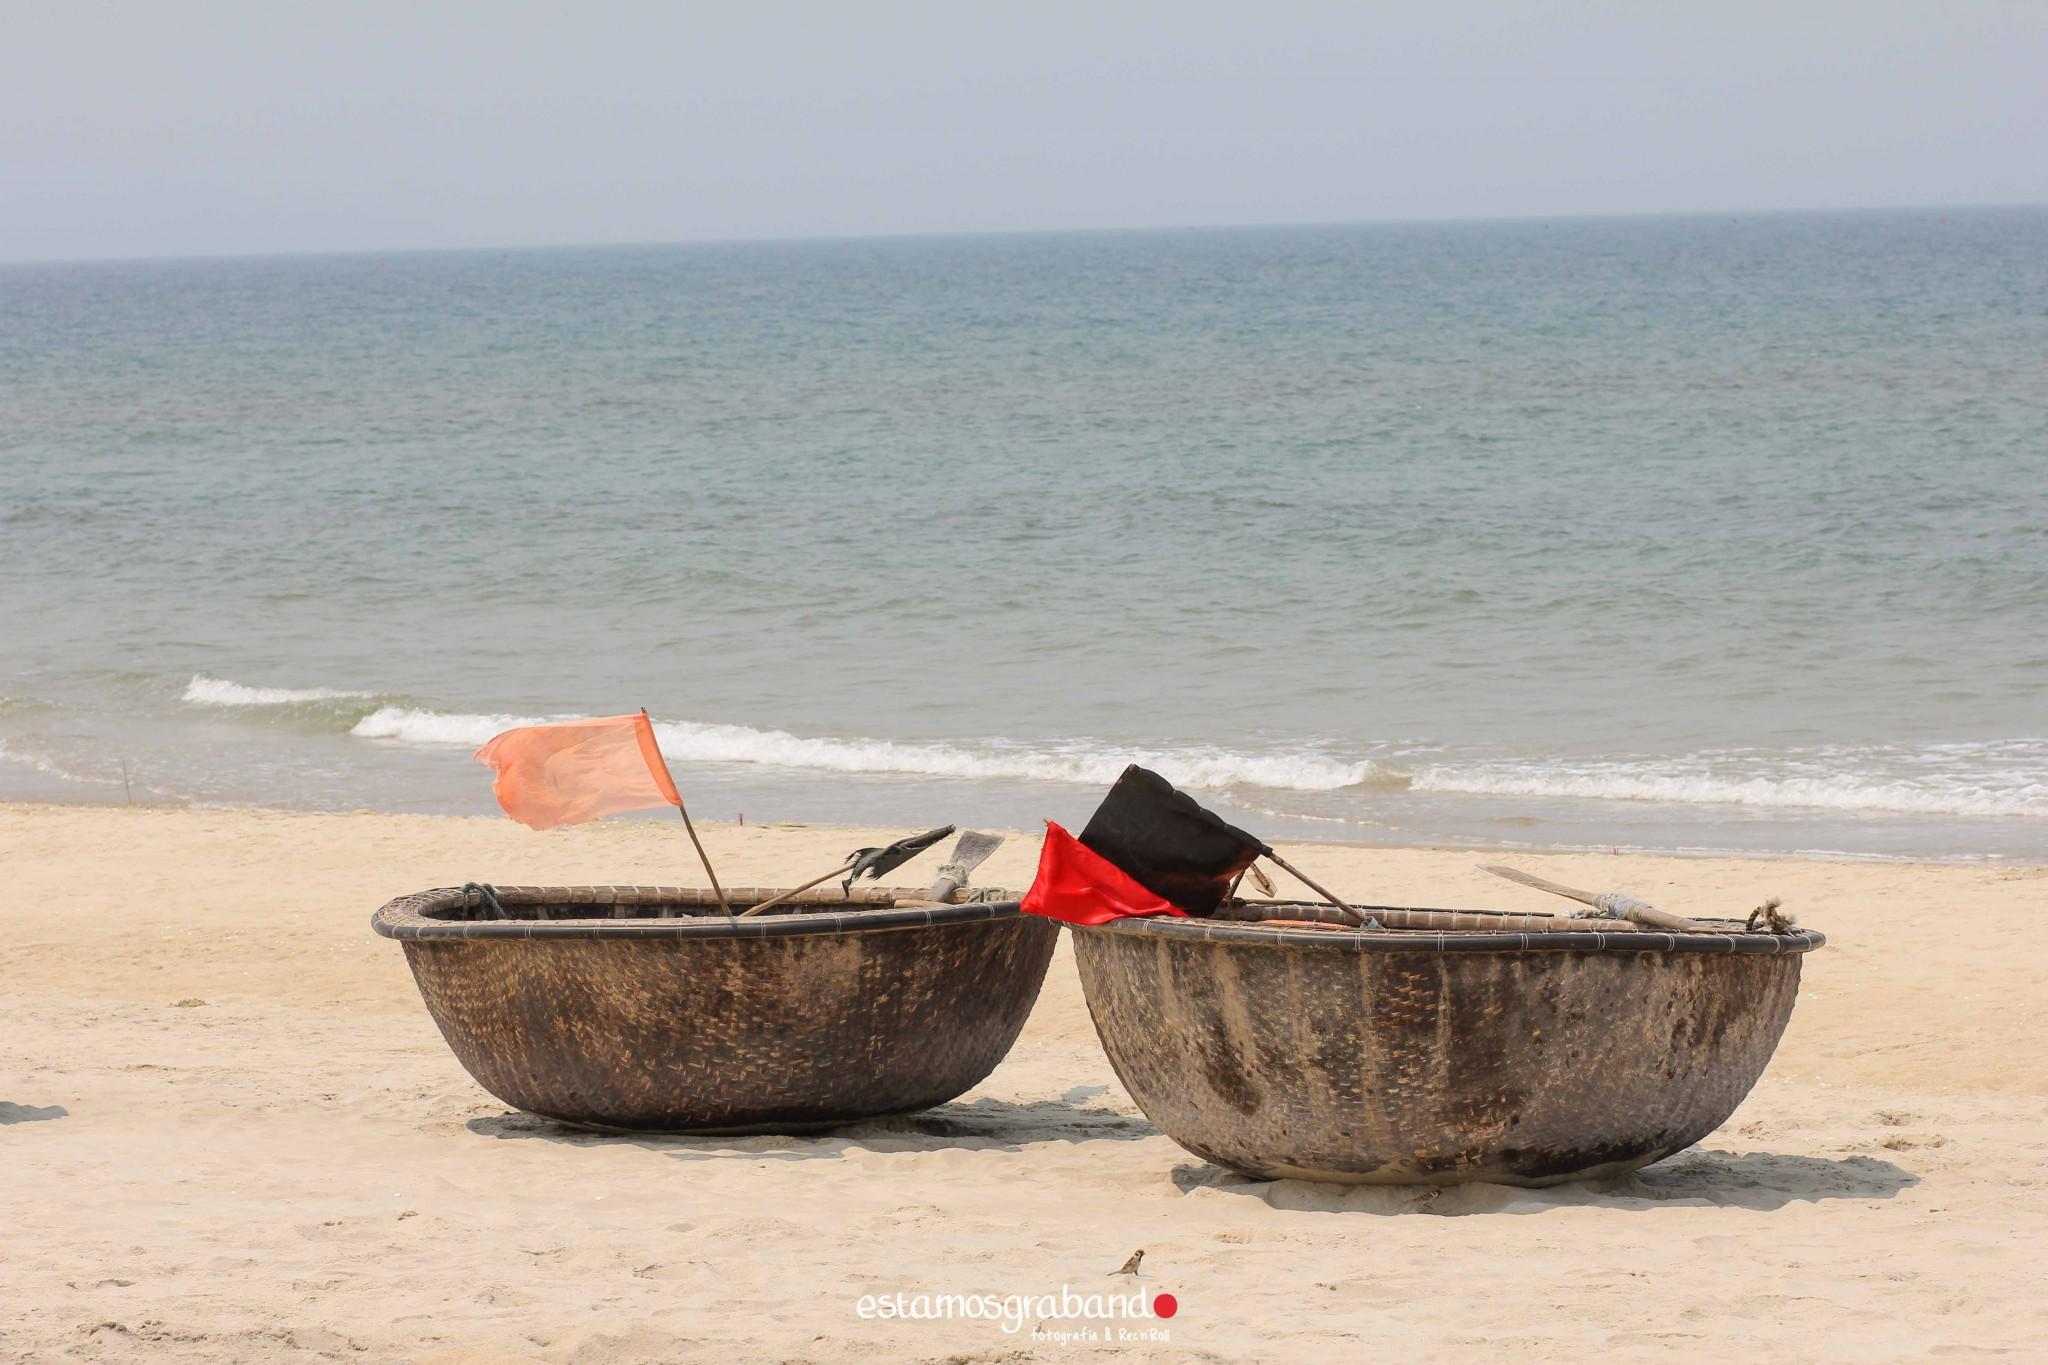 reportaje-vietnam_fotograficc81a-vietnam_estamosgrabando-vietnam_rutasvietnam_reportaje-retratos-fotos-vietnam_fotografia-vietnam_reportaje-estamosgrabando-fotograficc81a-vietnam-90 Pequeños grandes recuerdos de Vietnam en 100 imágenes - video boda cadiz